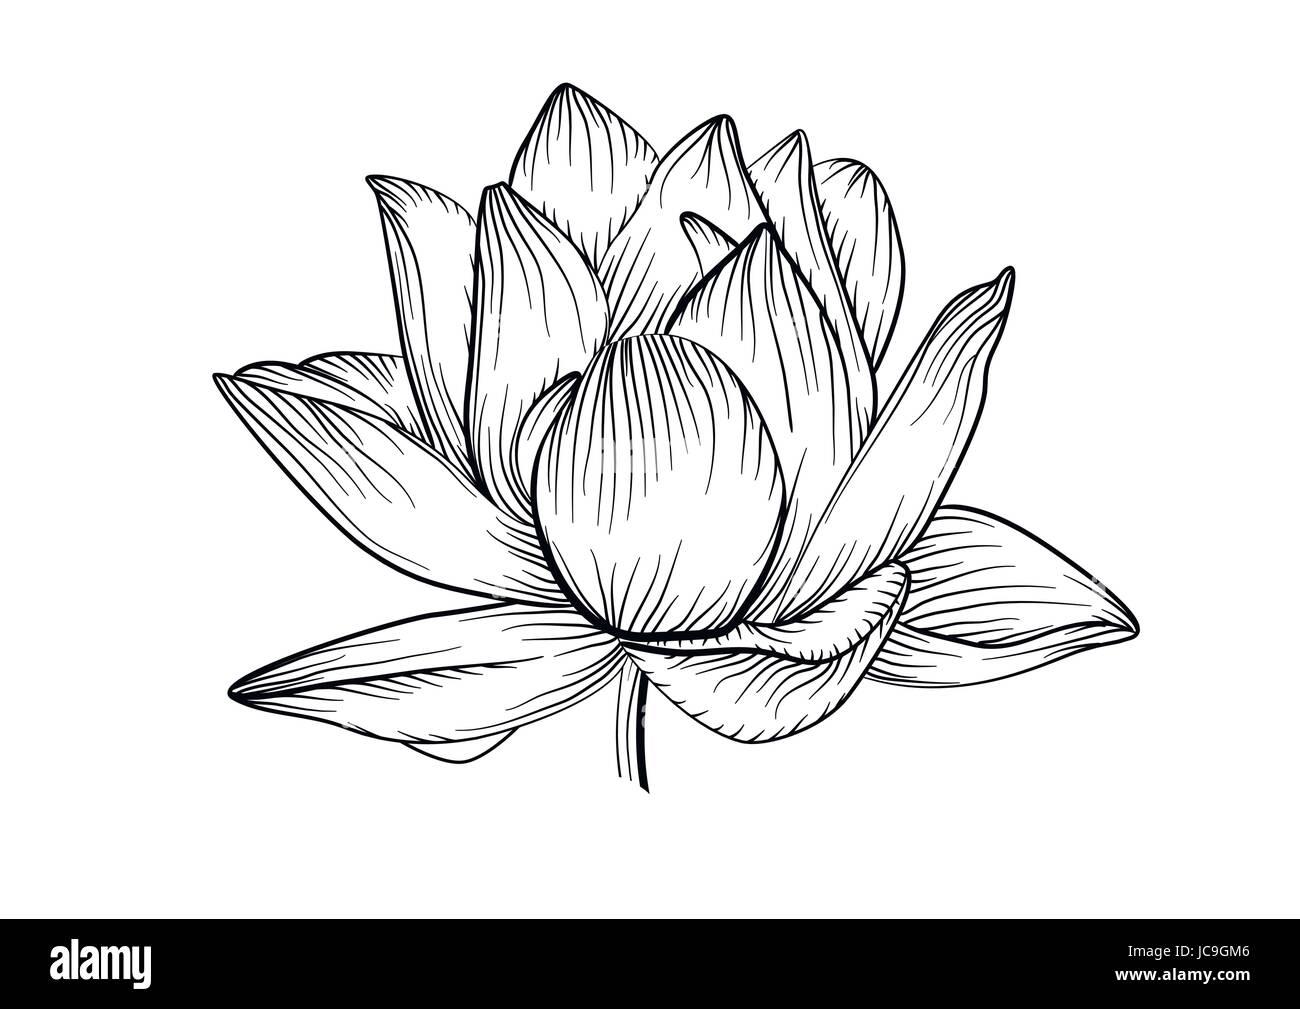 lotus seerose vektor sch ne blume linie schwarz wei tattoo kunst illustration. Black Bedroom Furniture Sets. Home Design Ideas